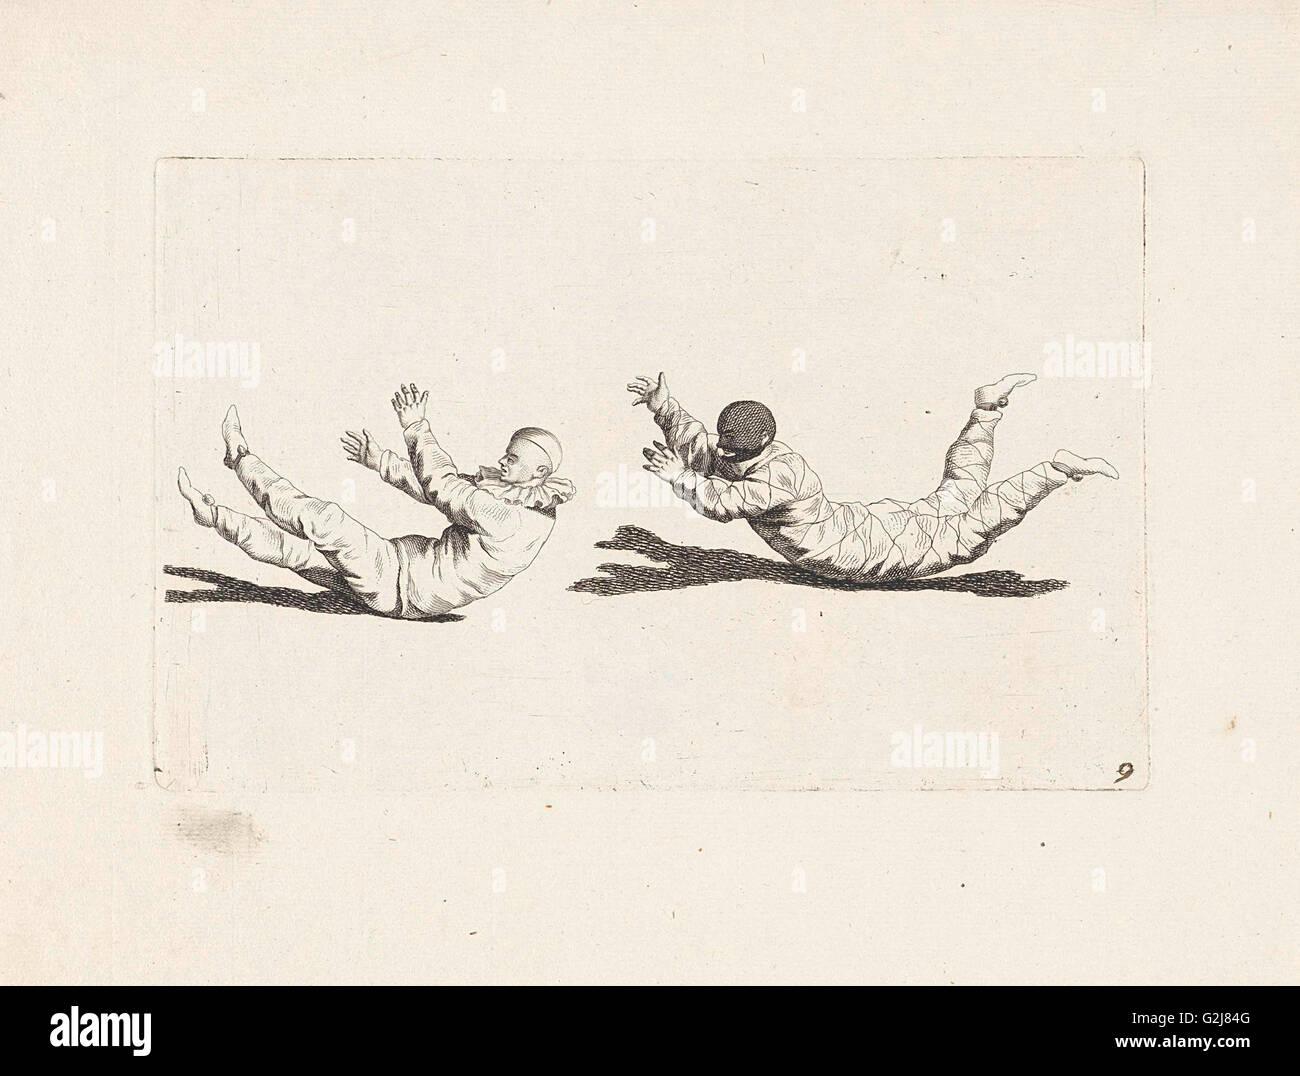 Harlekin Clown bewegen ohne ihre Arme und Beine, Gerardus Josephus Xavery, Pieter Schenk (II), 1728 Stockfoto